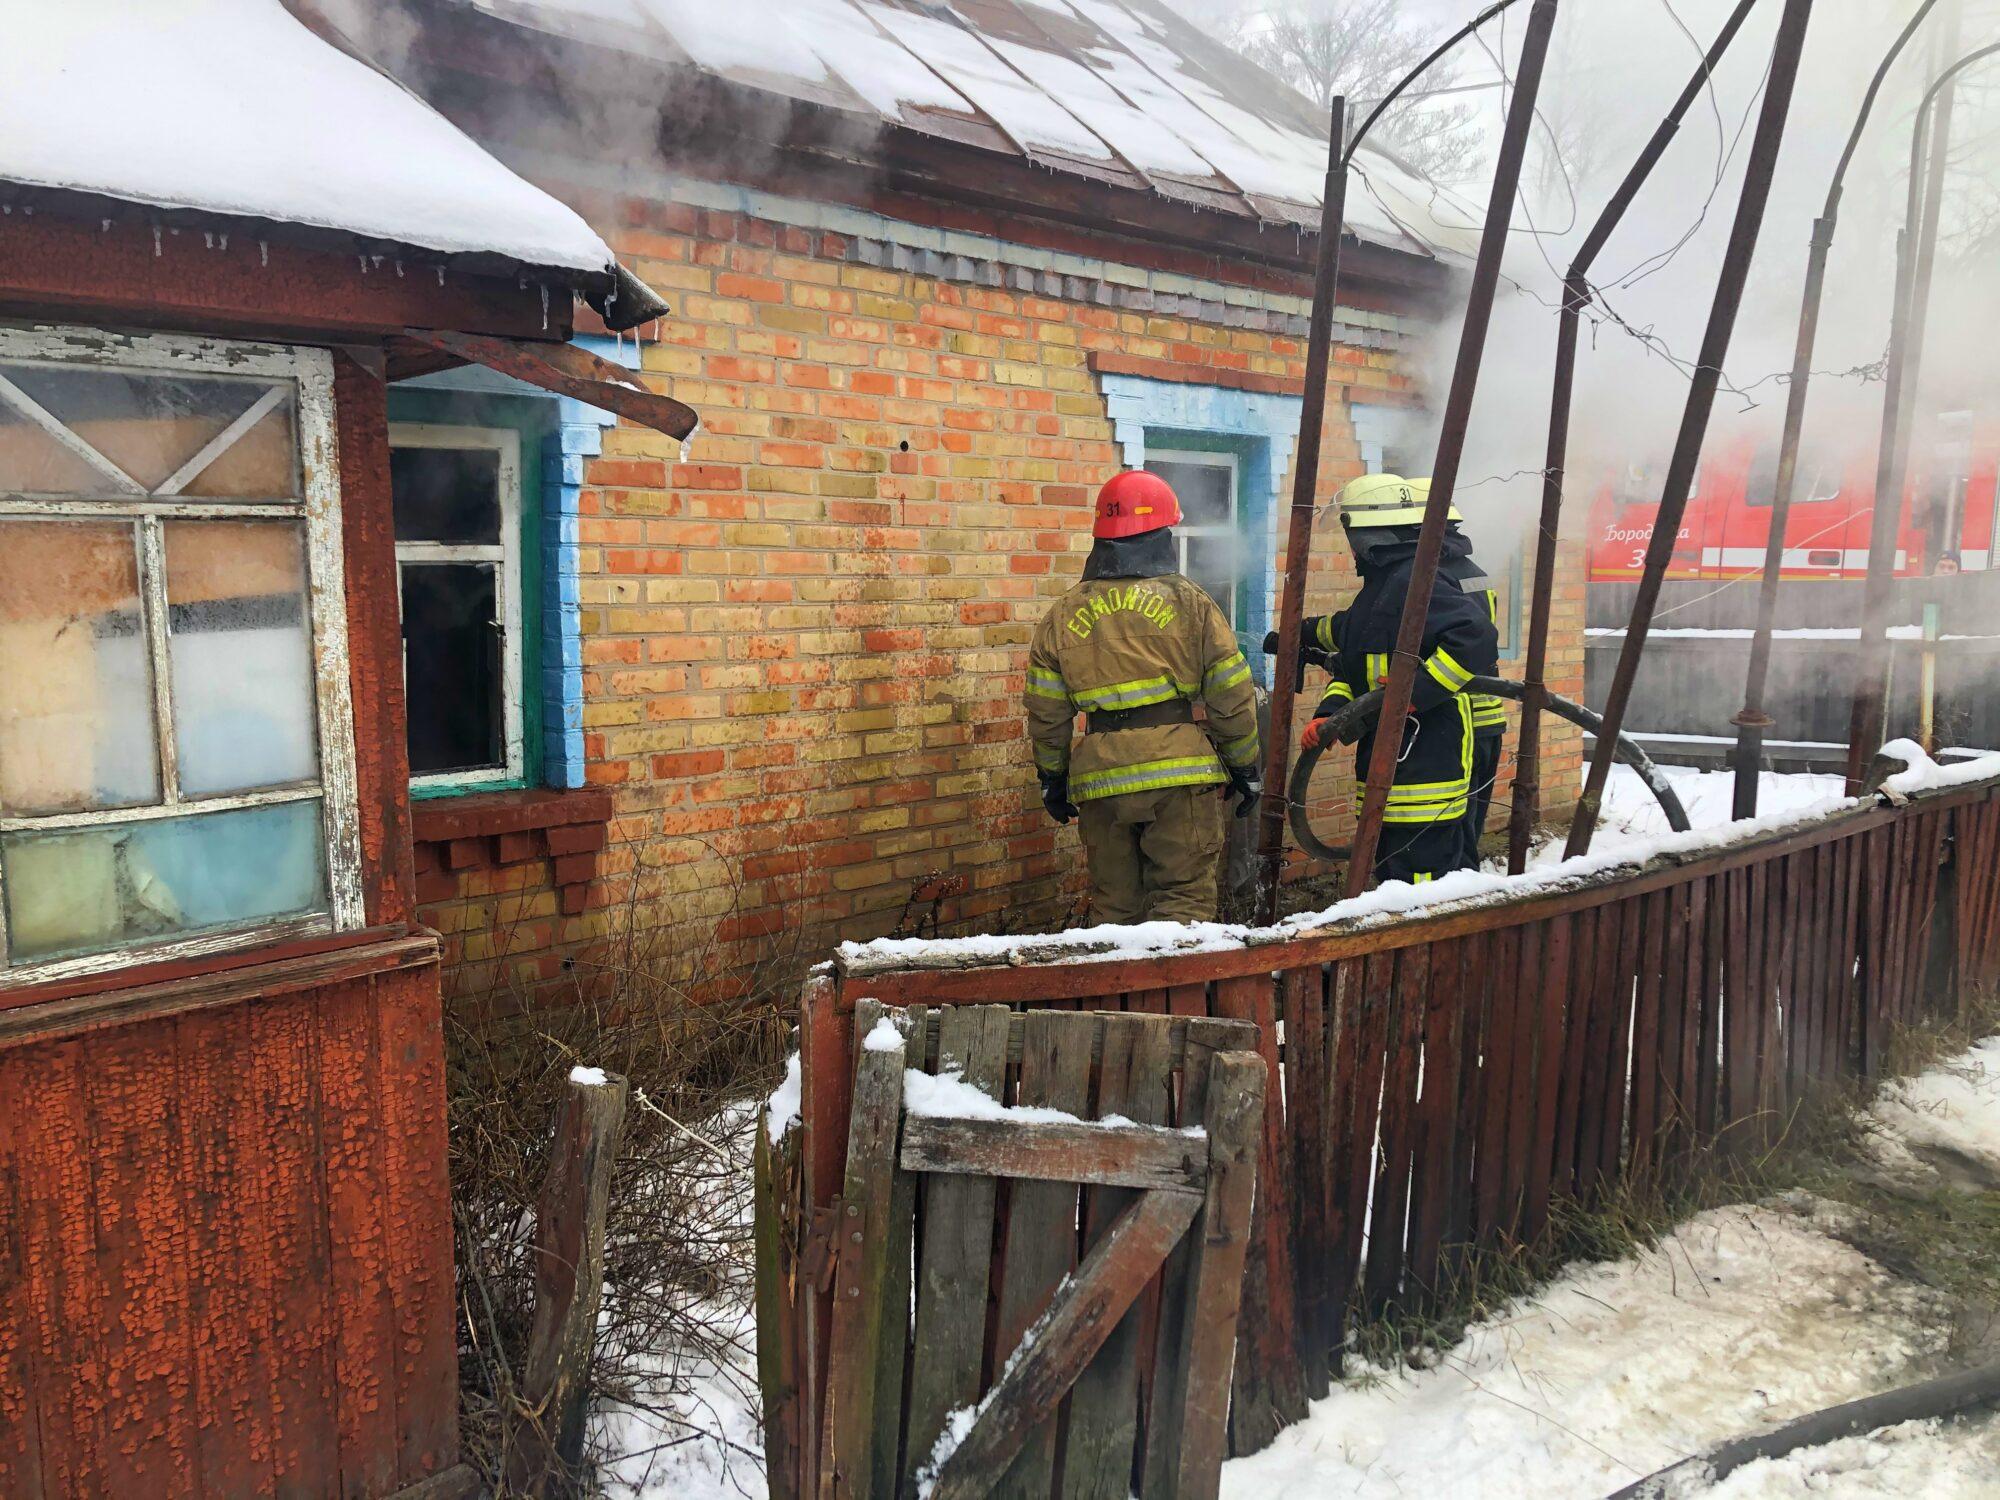 На Київщині під час пожежі у власному будинку загинув господар - смерть, Здвижівка, згоріла будівля, згорів будинок - 01 1 2000x1500